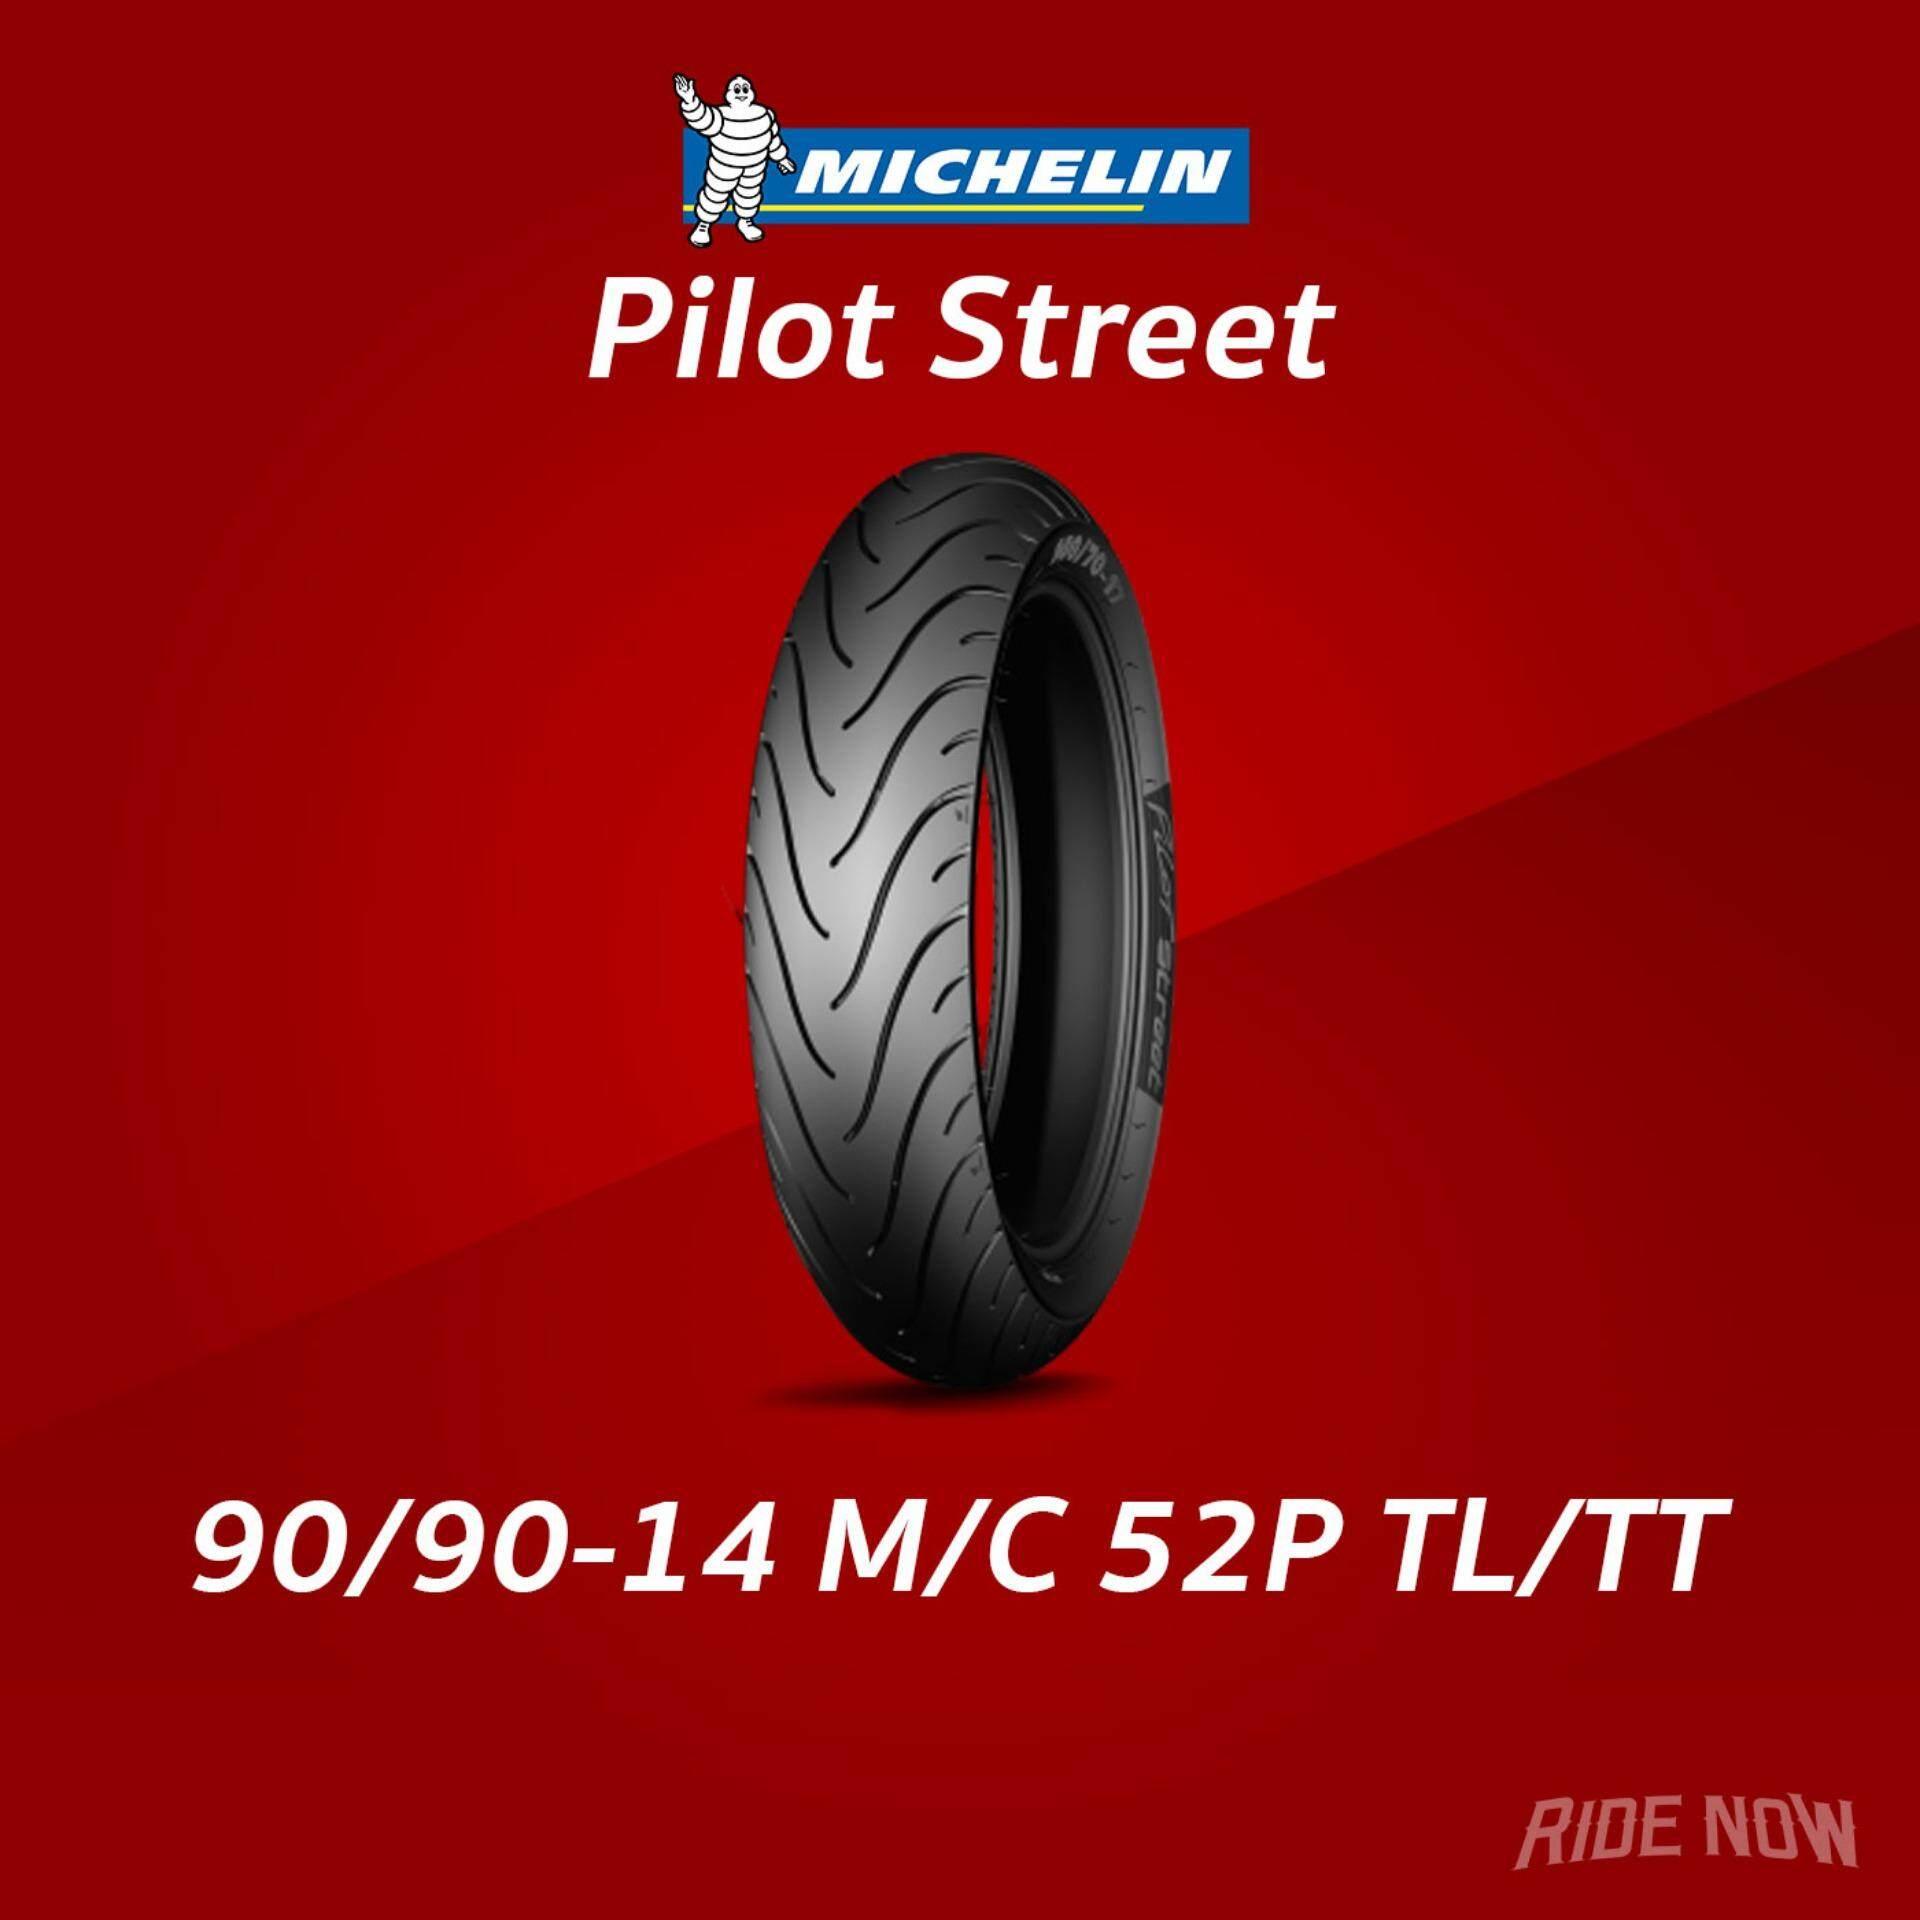 Michelin Pilot Street 90/90-14 M/c 52p Tl/tt By Ride Now.